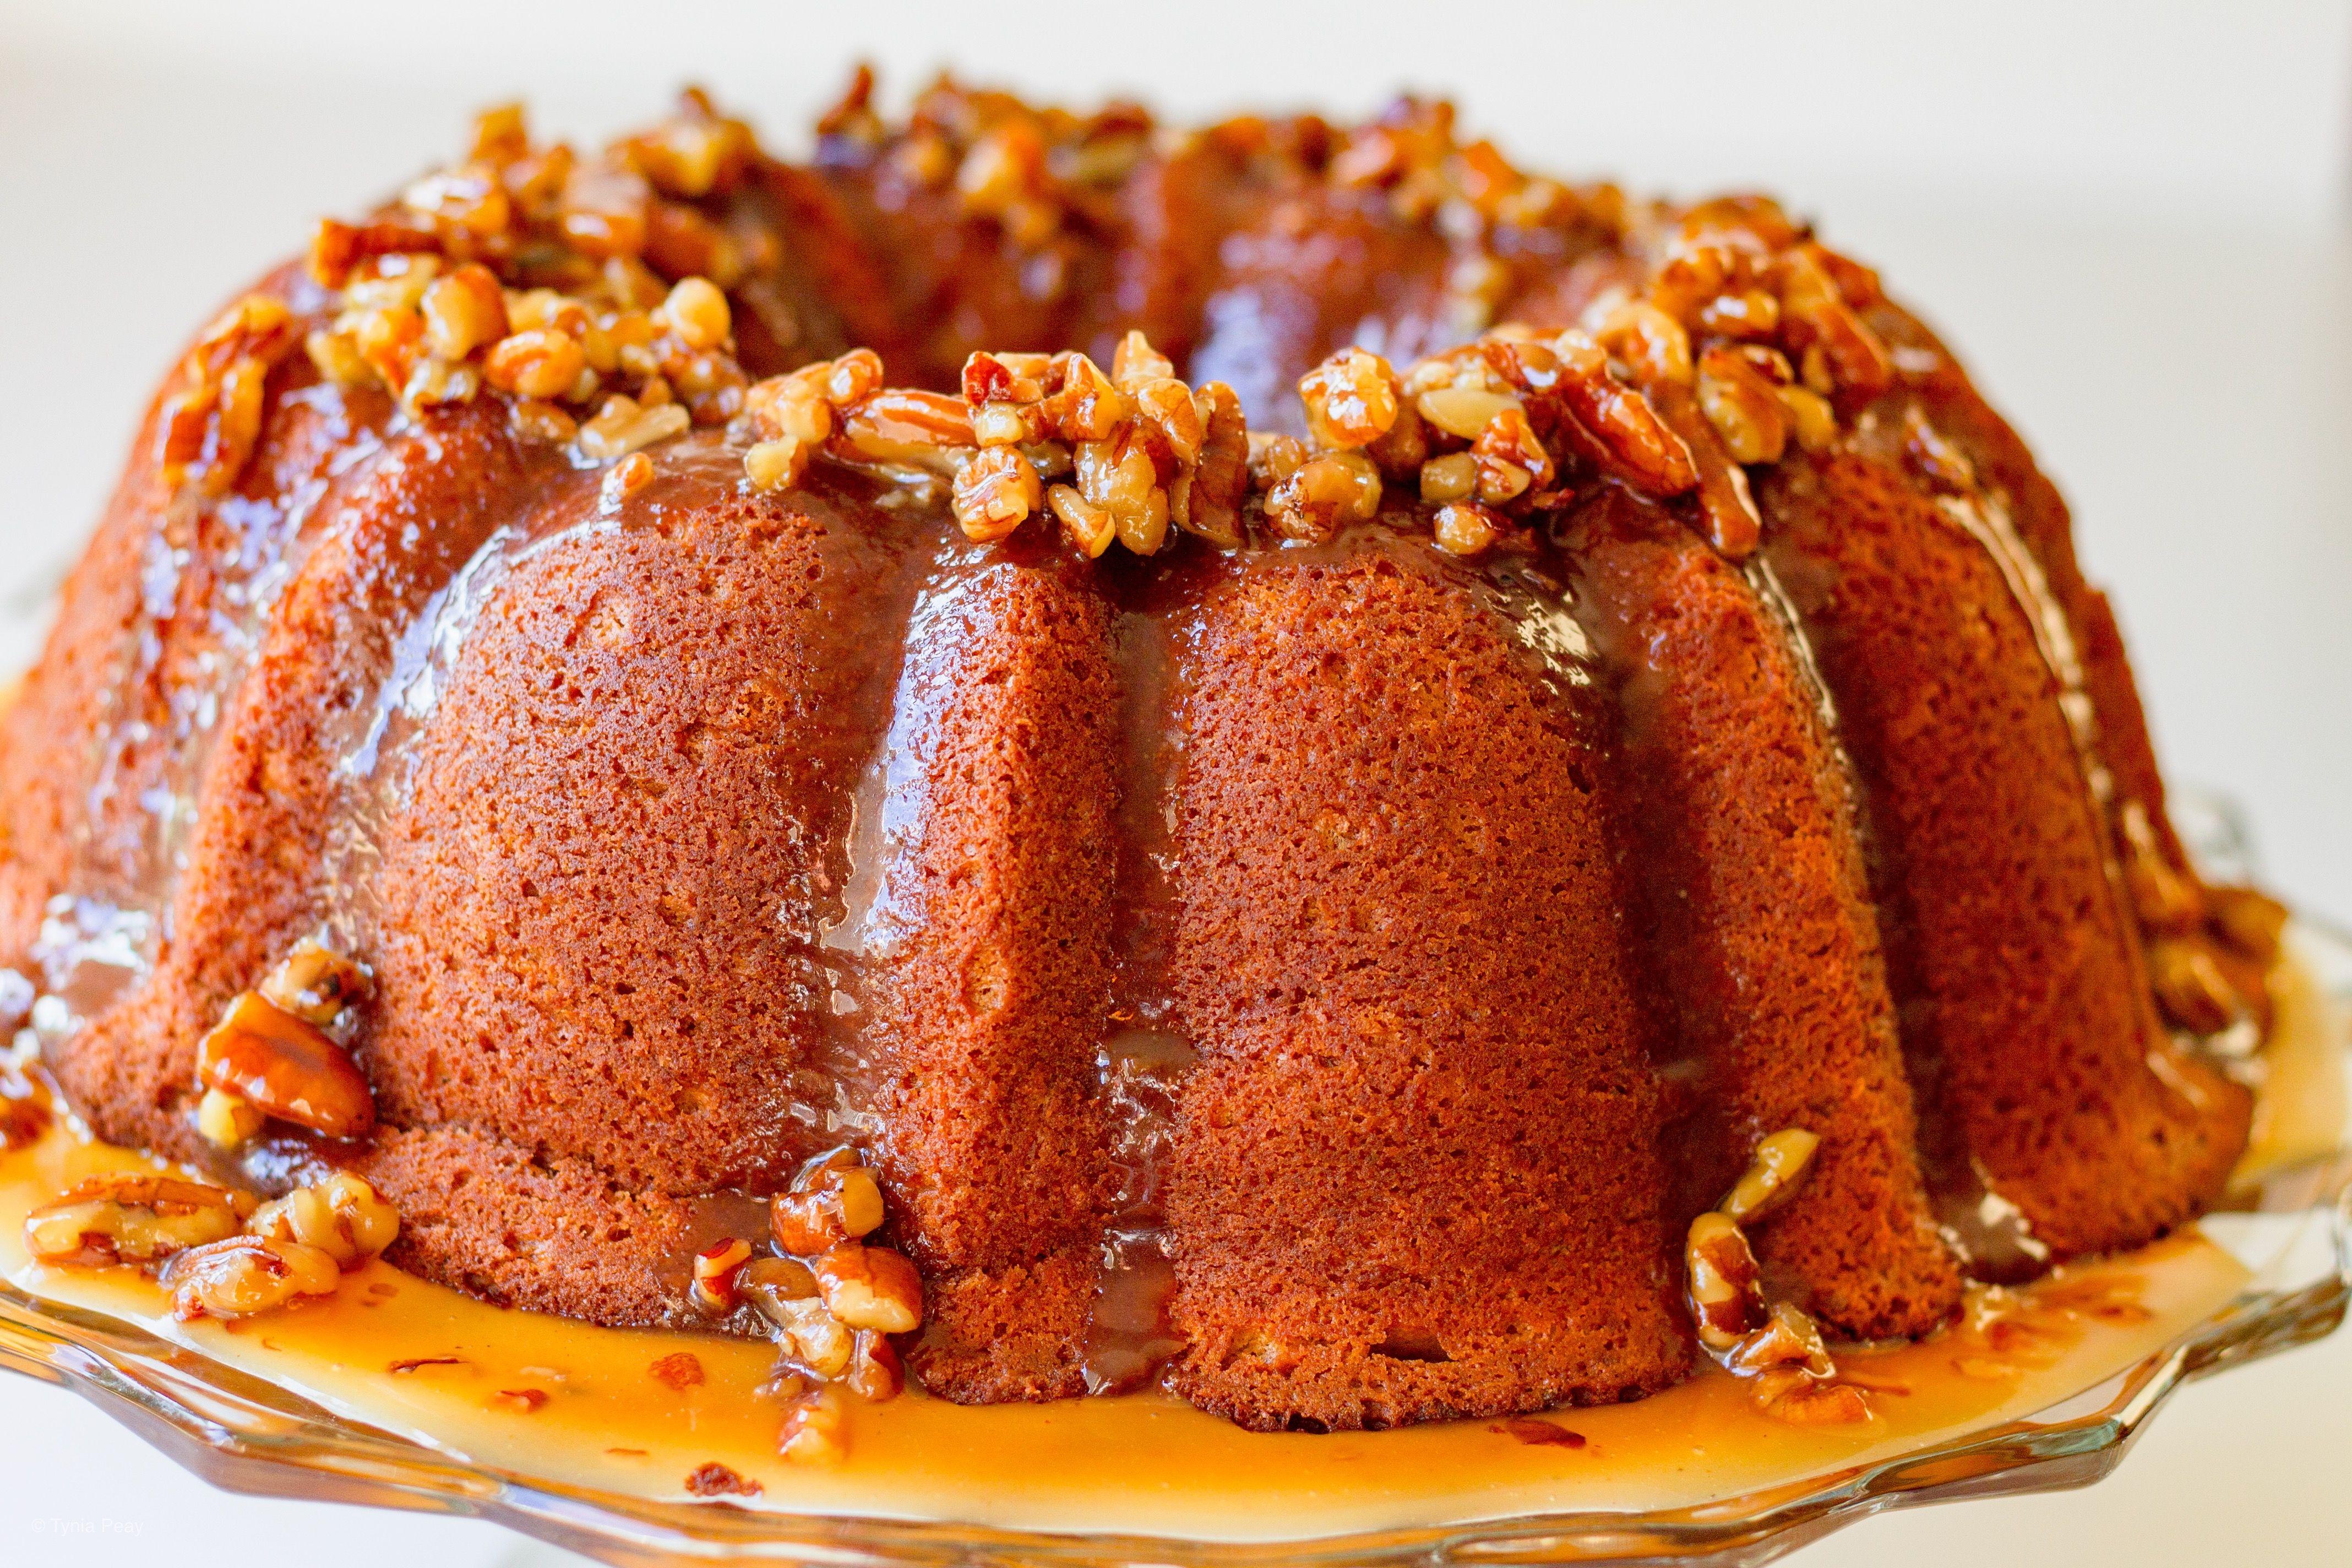 Ty S Sweet Potato Sour Cream Pound Cake Recipe Sour Cream Pound Cake Sweet Potato Pound Cake Sweet Potato Cake